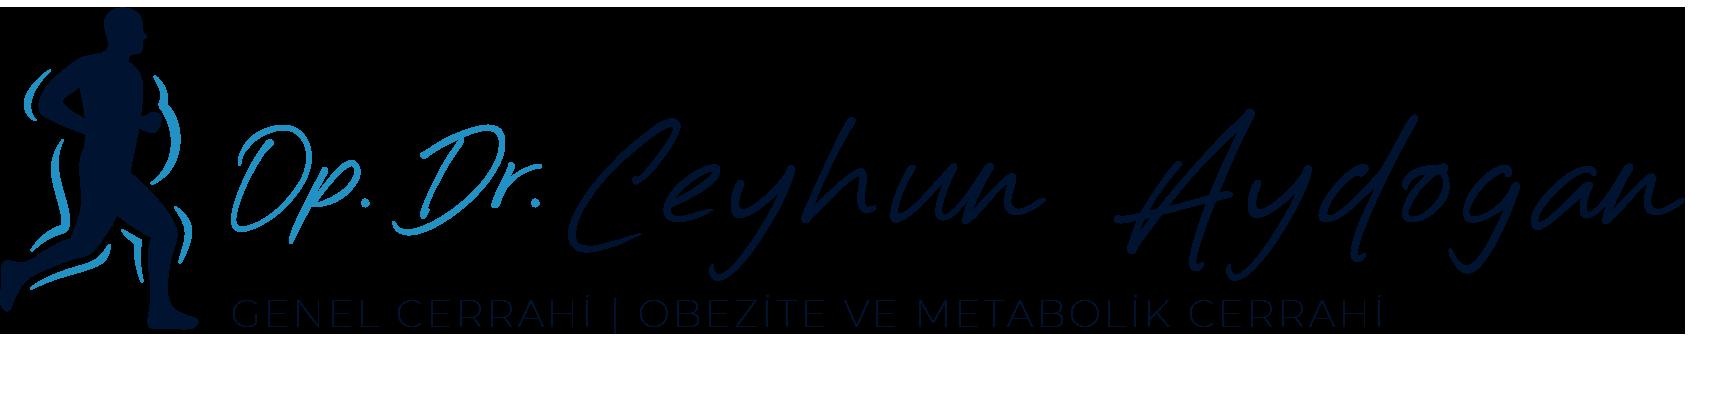 Dr. Ceyhun Aydoğan